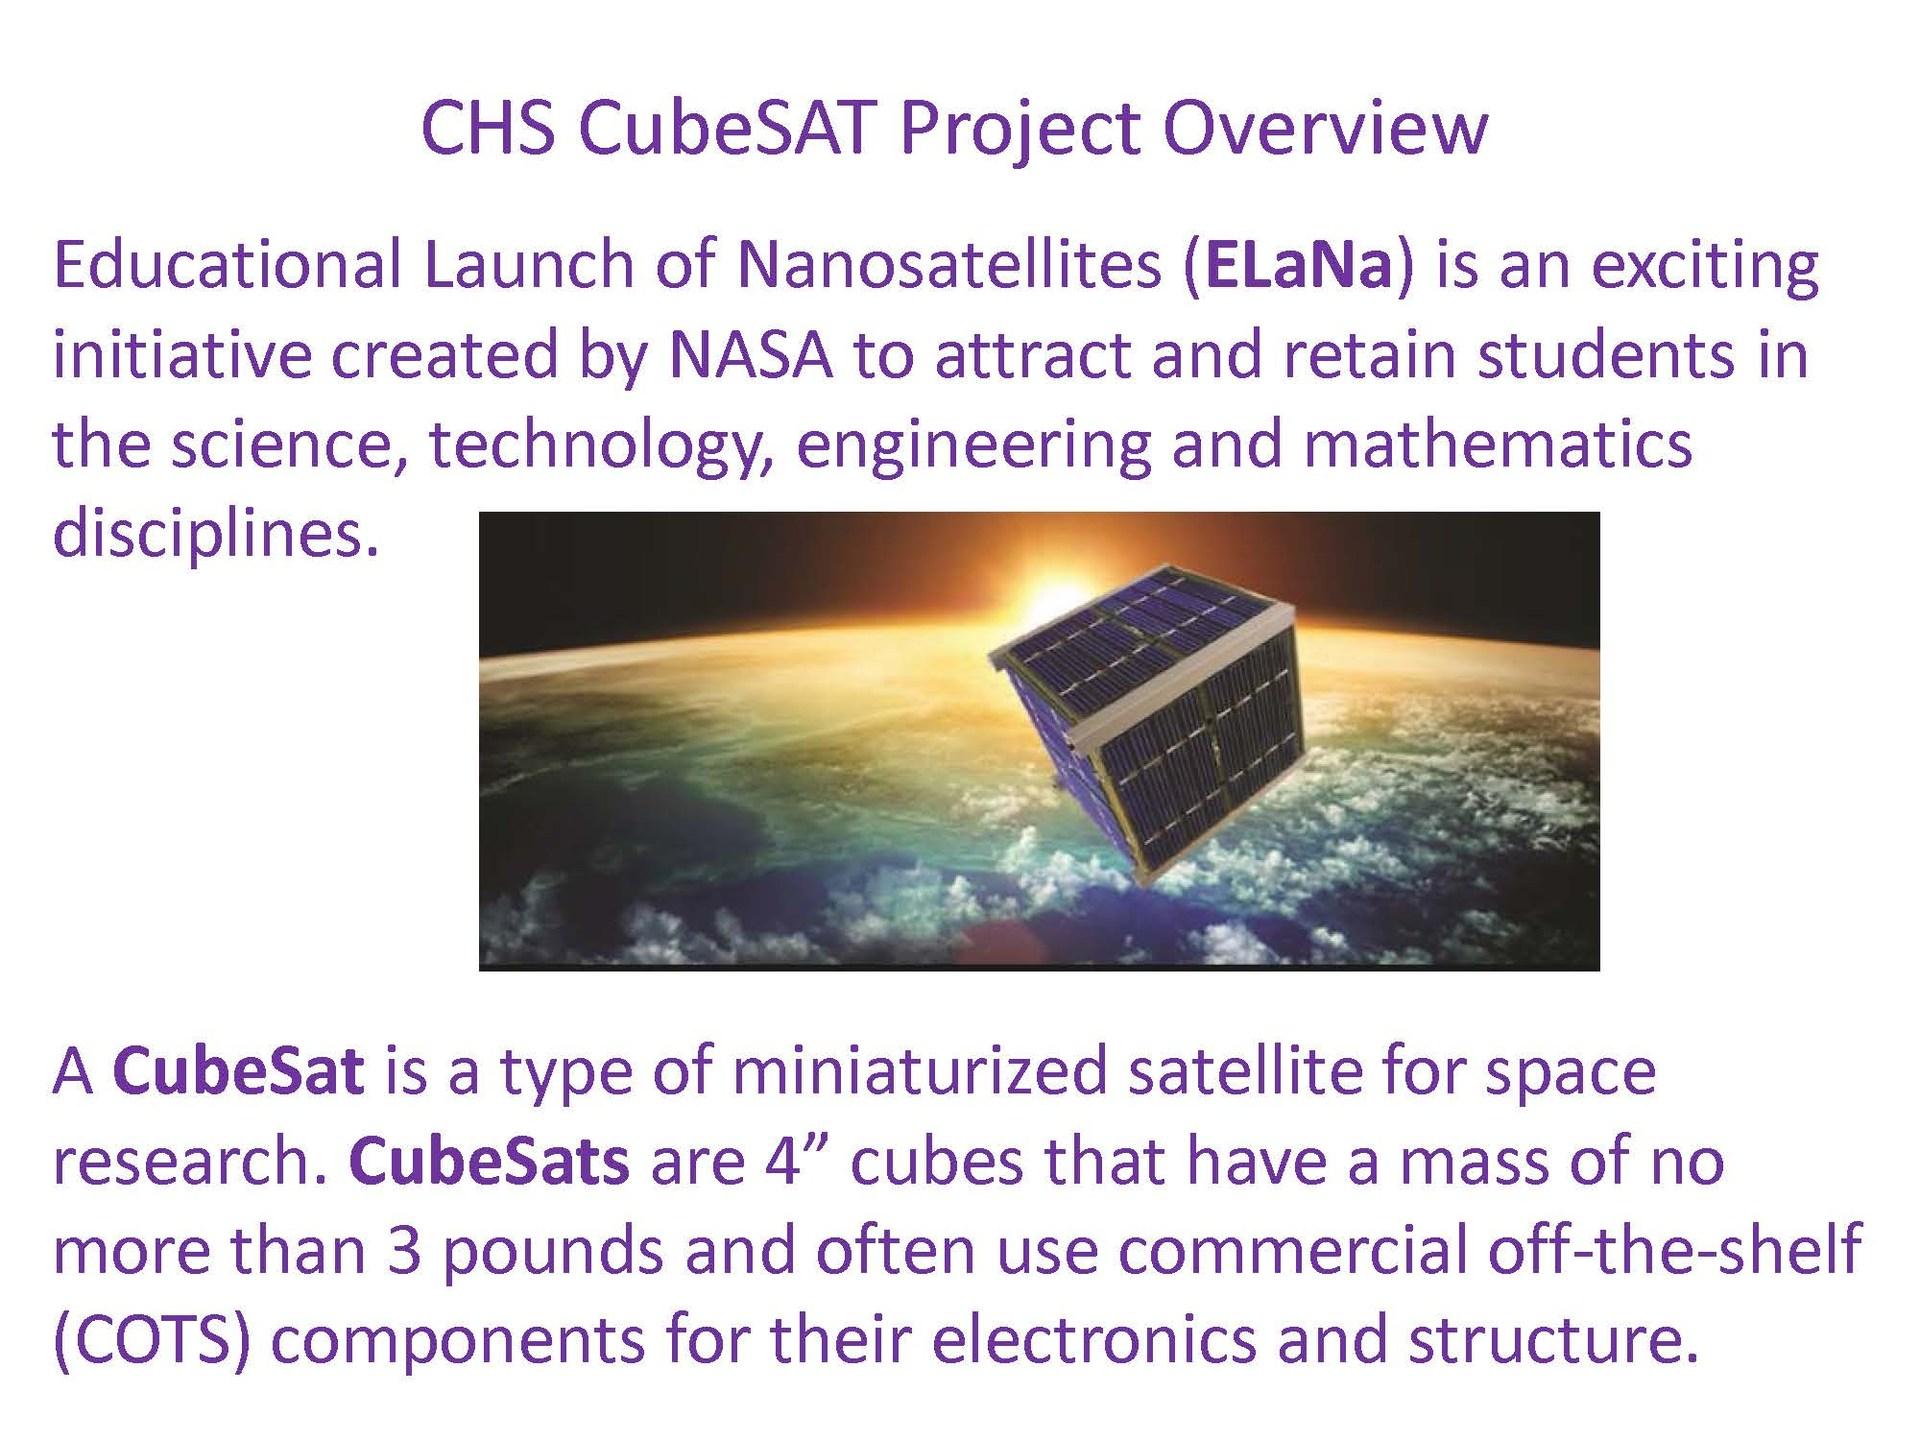 CHS CubeSAT project overview